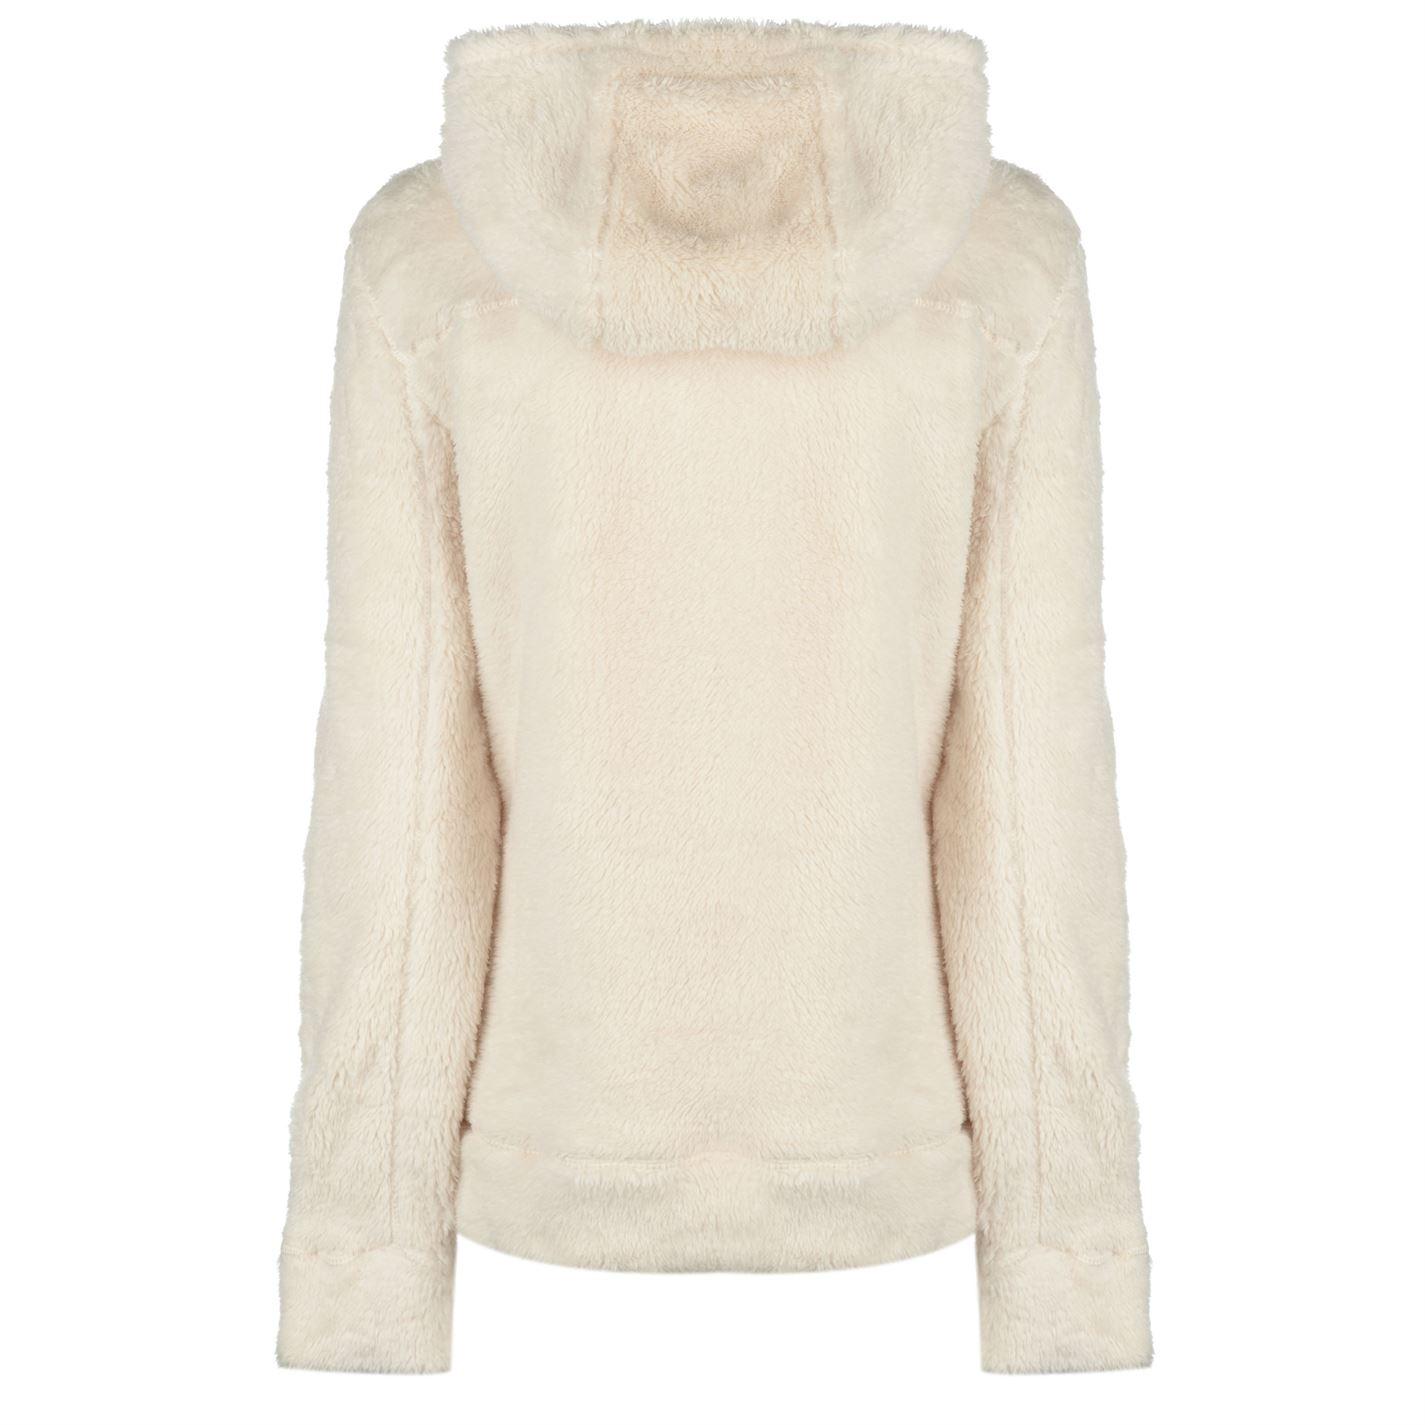 Gelert Yukon Fleece Hoodie Ladies Zipped Top Hoody Hooded Sweatshirt Jumper Full